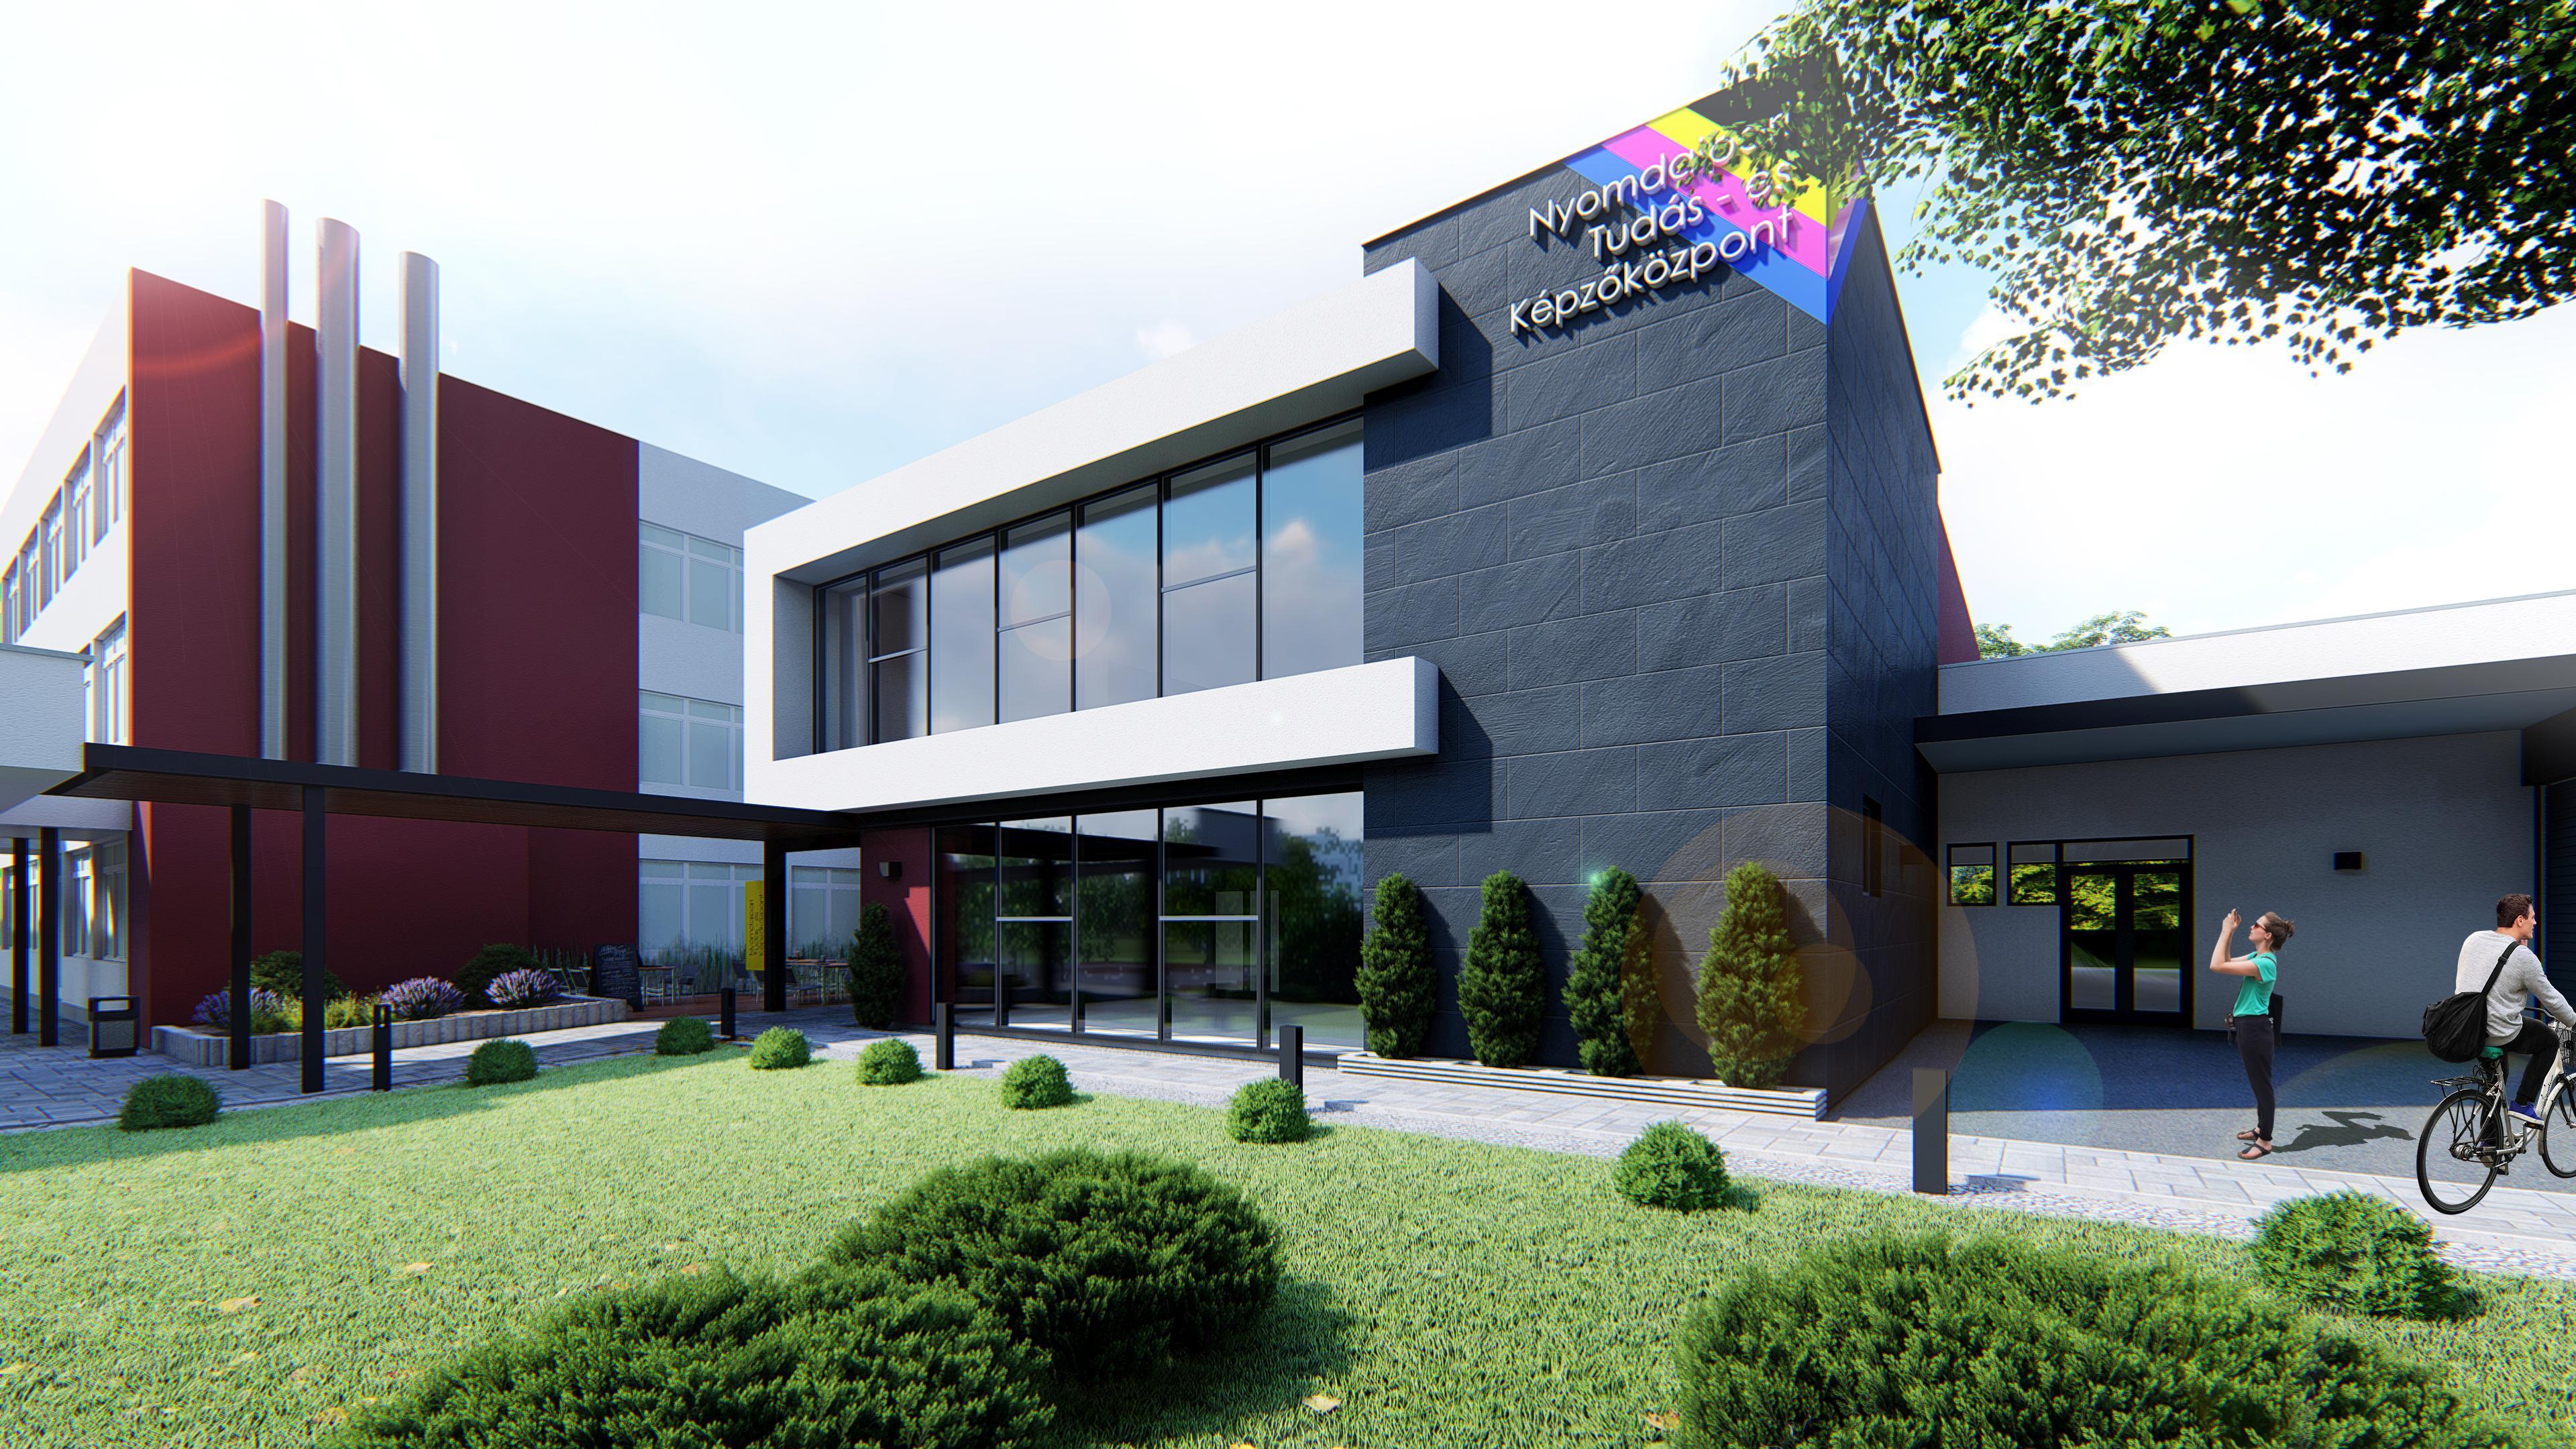 Békéscsaba tudás és nyomdaipari központ